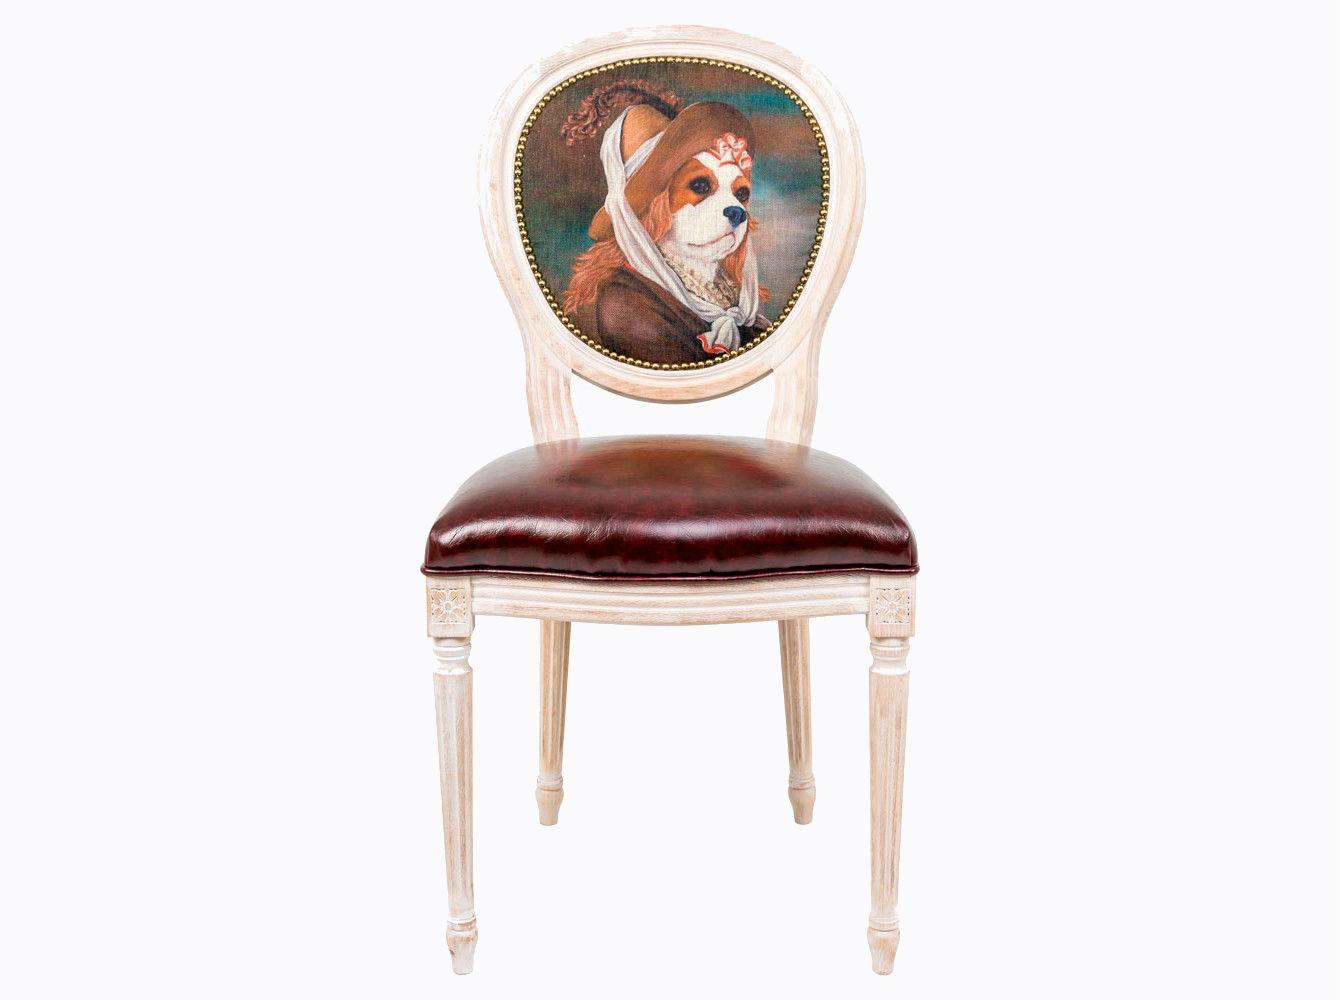 Стул «Музейный экспонат», версия 28Обеденные стулья<br>Стул &amp;quot;Музейный экспонат&amp;quot; - универсальное, но отборное решение гостиной, столовой, спальни, кабинета, холла и детской комнаты.<br>Корпус стула изготовлен из натурального бука. Среди европейских пород бук считается самым прочным и долговечным материалом. В дизайне &amp;quot;Музейный экспонат&amp;quot; резьба играет ведущую роль: стул украшен вычурными желобками и цветочными узорами, выточенными с ювелирной меткостью.  В угоду моде &amp;quot;шебби-шик&amp;quot;, благородная фактура натурального дерева подчеркнута рукописной патиной. Штрихи старины обладают специфическим обаянием и теплом. <br>Приобретая такую модель, можно быть уверенными в её эклектическом единстве с роскошным &amp;quot;ренессансом&amp;quot; и изнеженным &amp;quot;ампиром&amp;quot;, аскетичным &amp;quot;лофтом&amp;quot; и салонным &amp;quot;ар-деко&amp;quot;.<br>Комфортабельность, прочность и долговечность сиденья обеспечены подвеской из эластичных ремней. <br>Обивка спинки оснащена тефлоновым покрытием против пятен.&amp;amp;nbsp;&amp;lt;div&amp;gt;&amp;lt;br&amp;gt;&amp;lt;/div&amp;gt;&amp;lt;div&amp;gt;Каркас - натуральное дерево бука, обивка сиденья и оборотной стороны спинки - эко-кожа, обивка спинки: 29% лен, 9 % хлопок, 72% полиэстер&amp;lt;br&amp;gt;&amp;lt;/div&amp;gt;<br><br>Material: Дерево<br>Width см: 55<br>Depth см: 50<br>Height см: 95